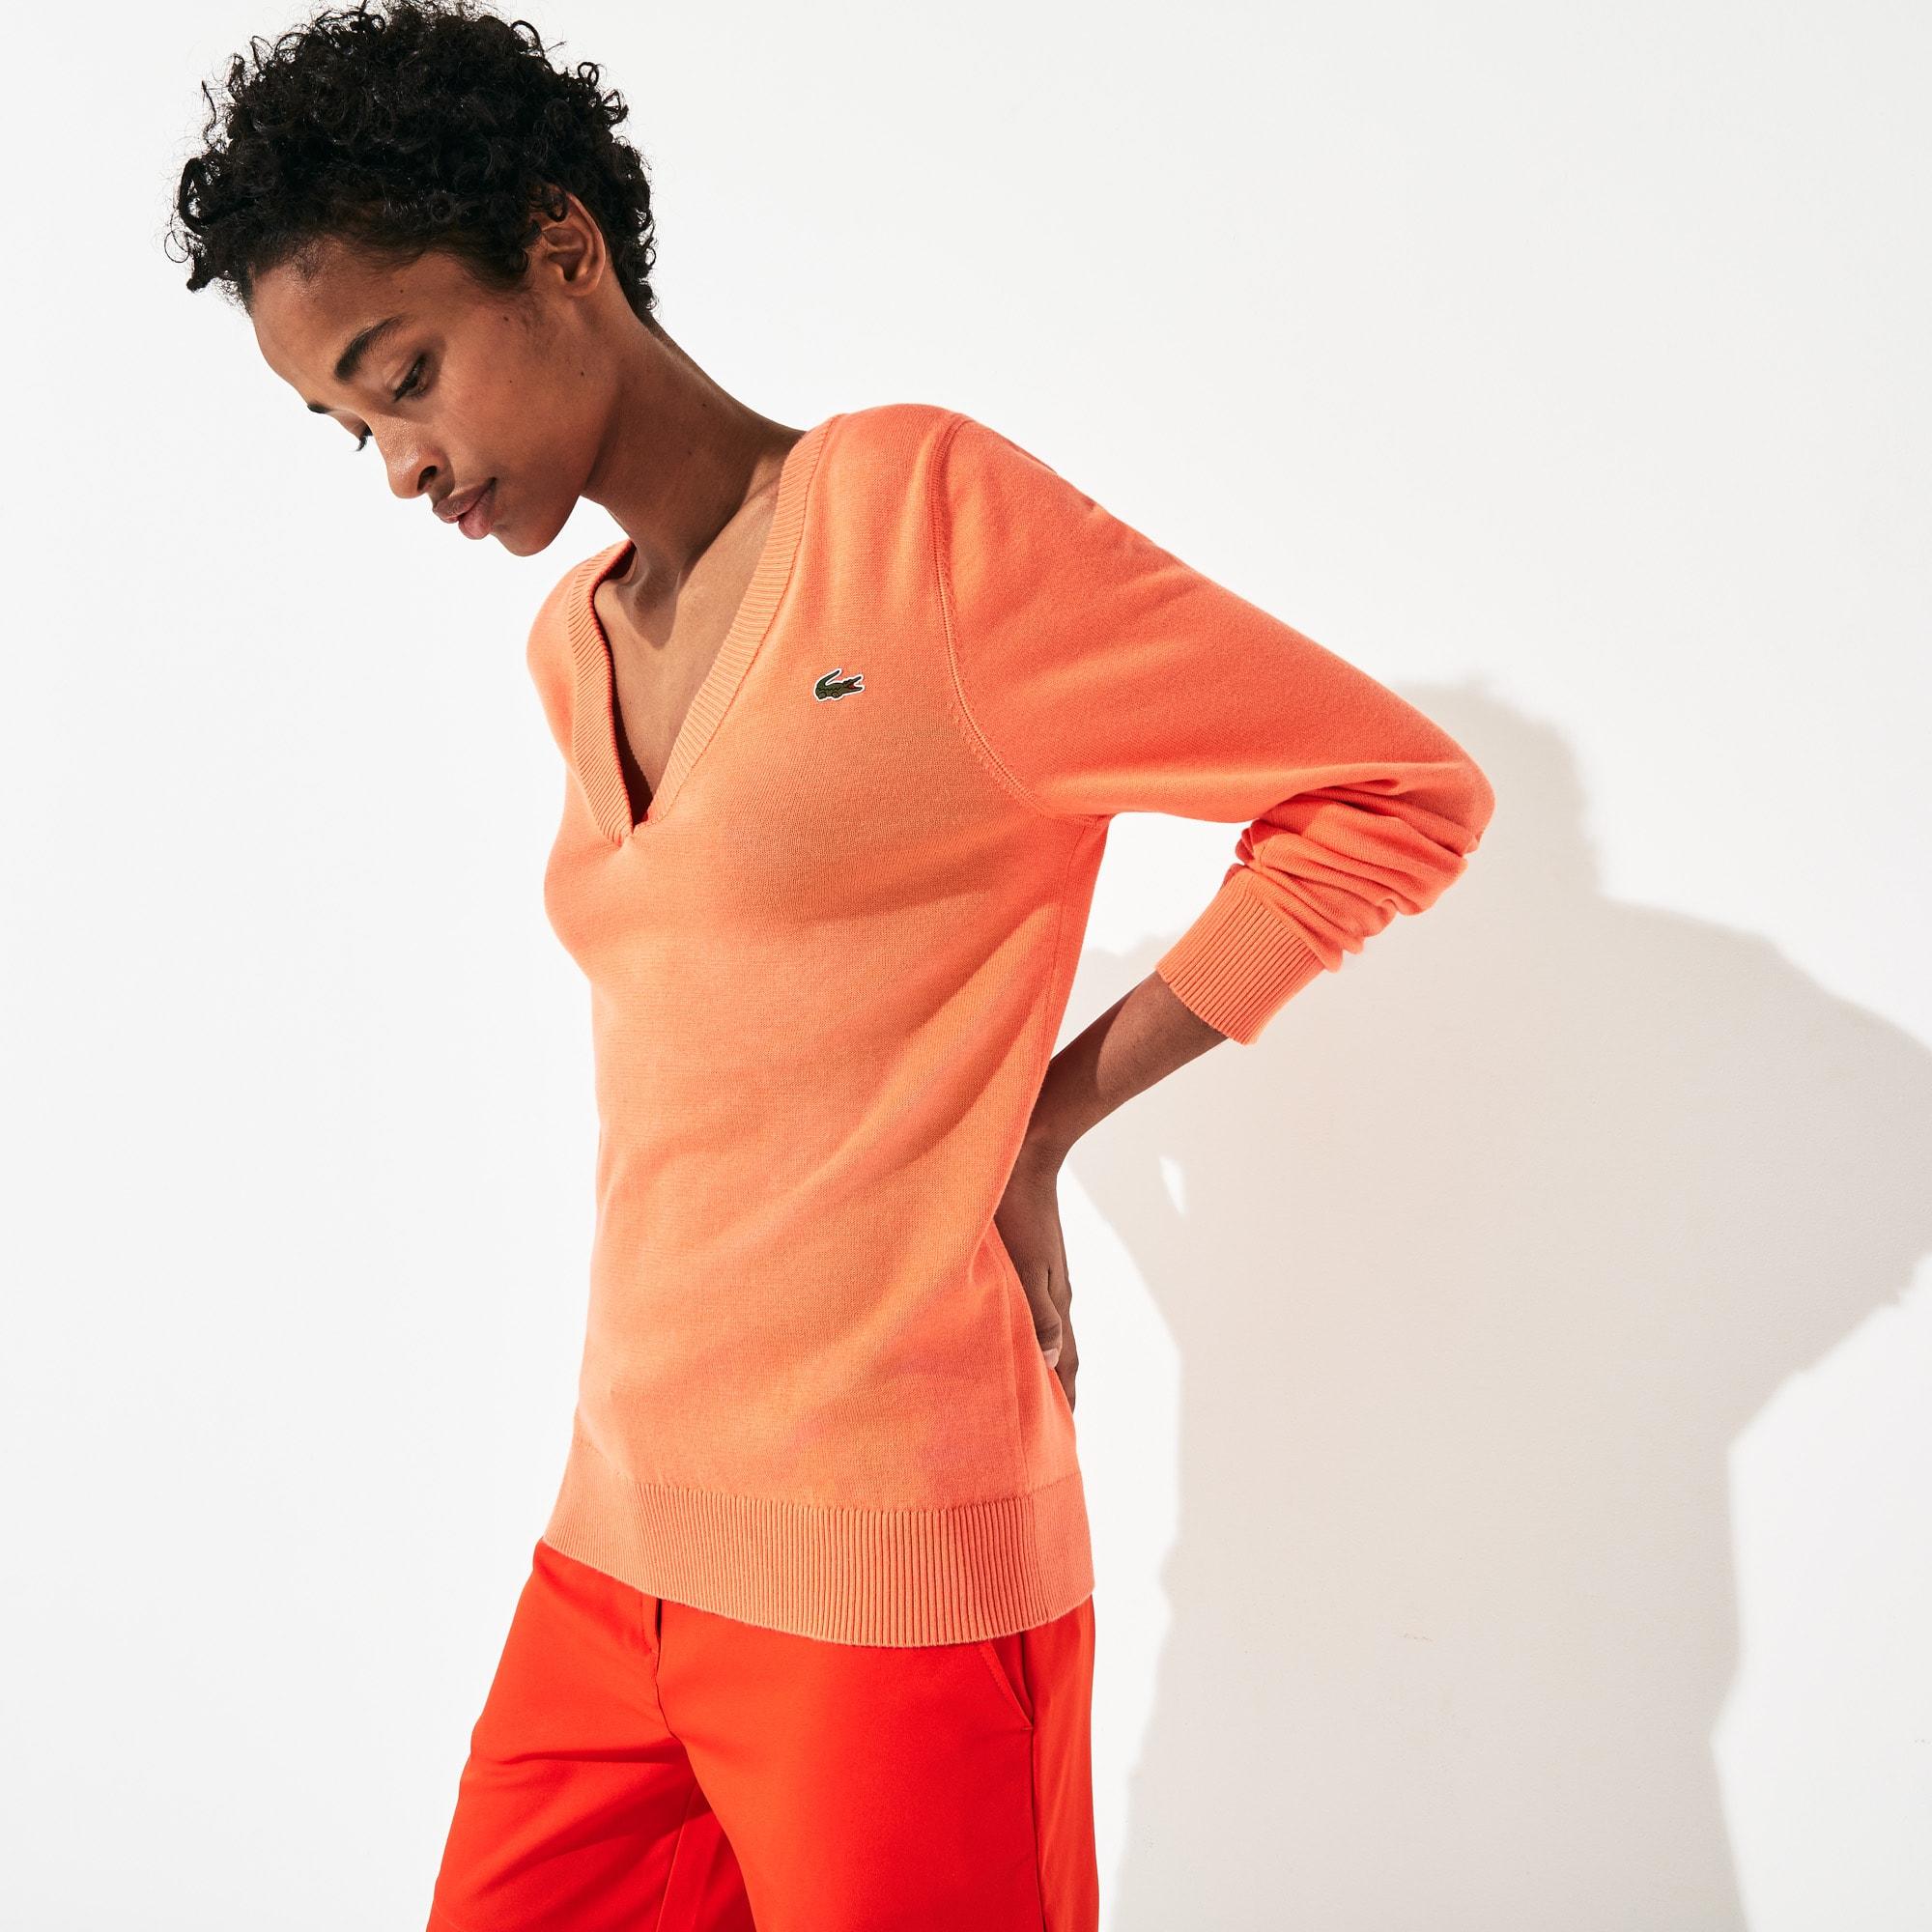 라코스테 스포츠 우먼 브이넥 스웨터 Lacoste Women's SPORT V-neck Sweater,Orange